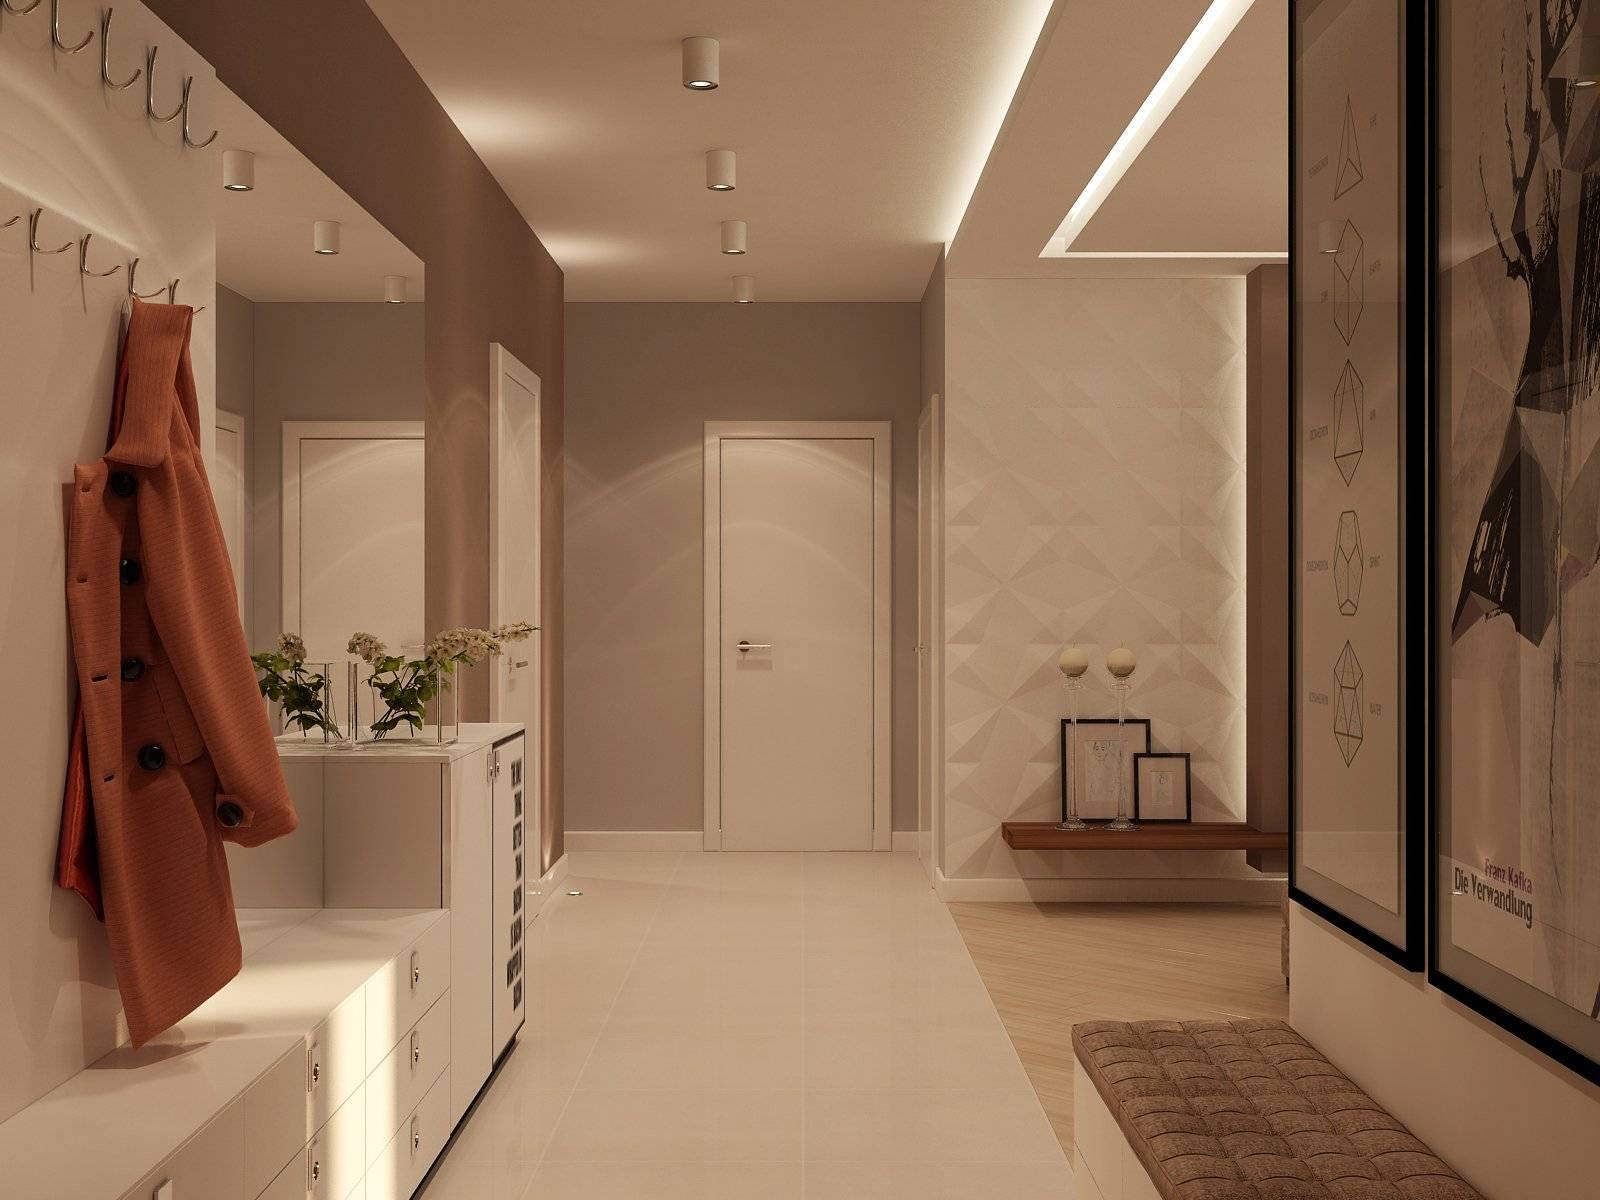 Потолок в прихожей – 110 фото самых необычных идей оформления дизайна